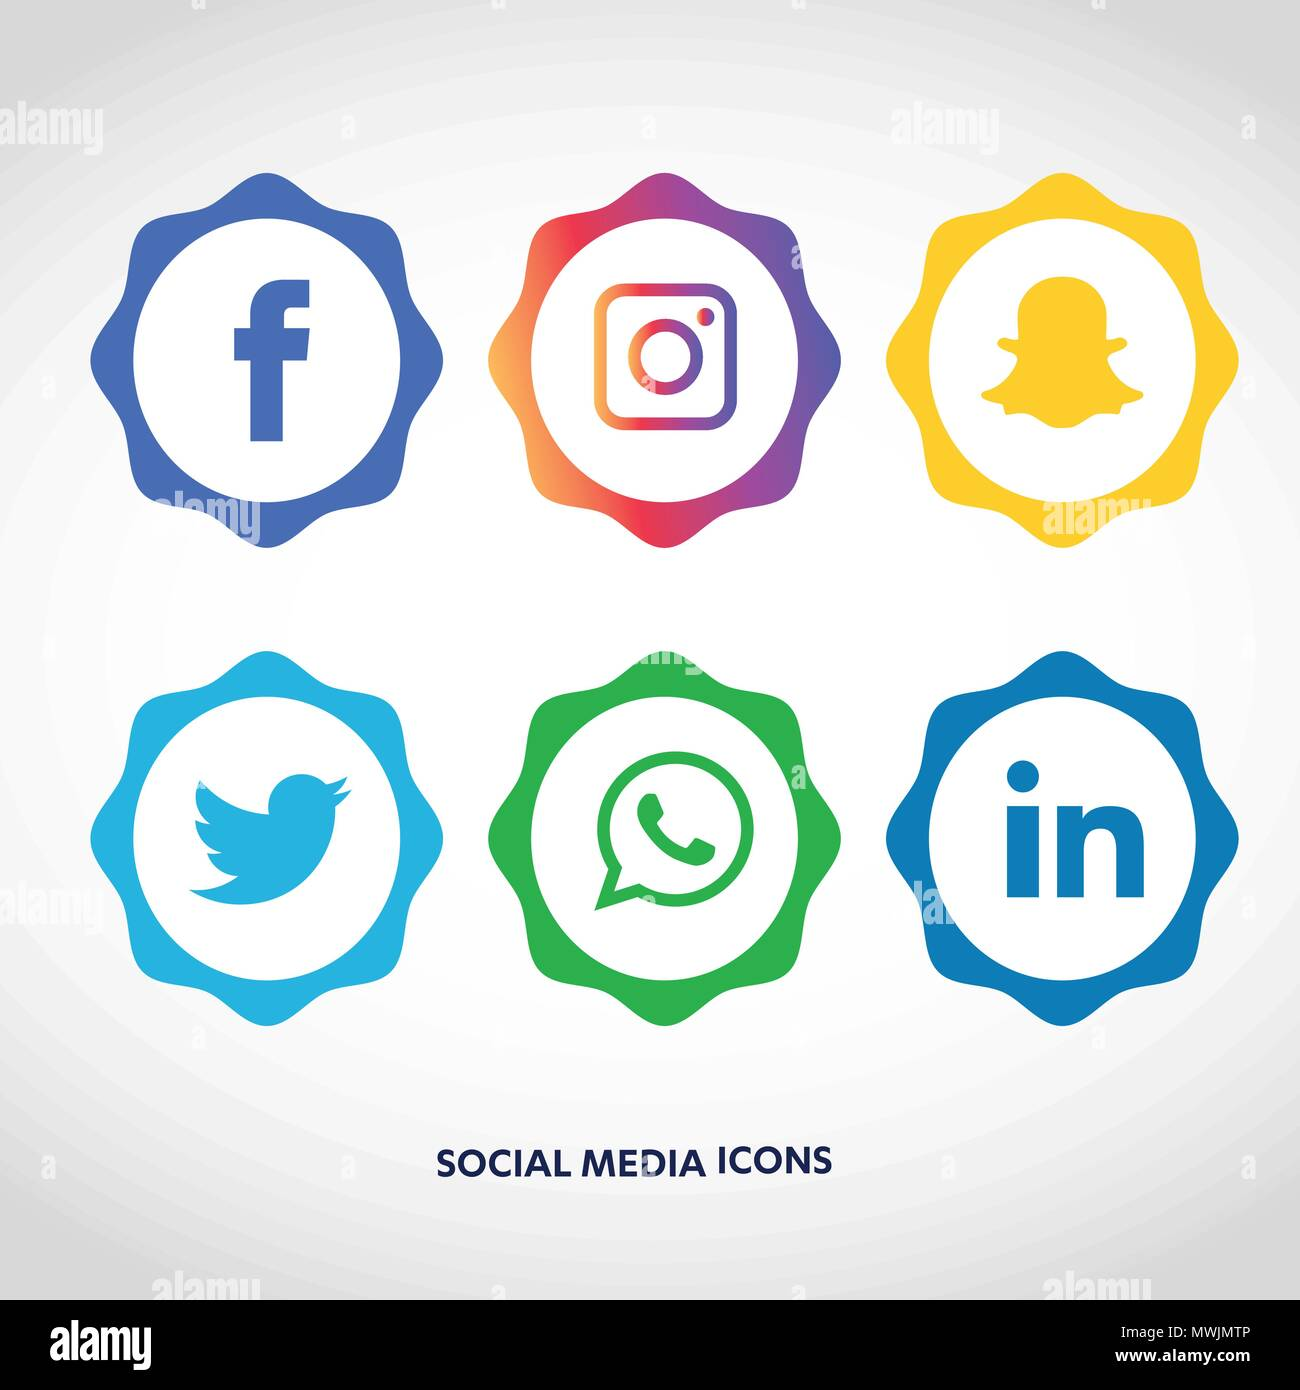 Vector Illustration Instagram: Social Media Icons Set. Logo Vector Illustrator. Facebook